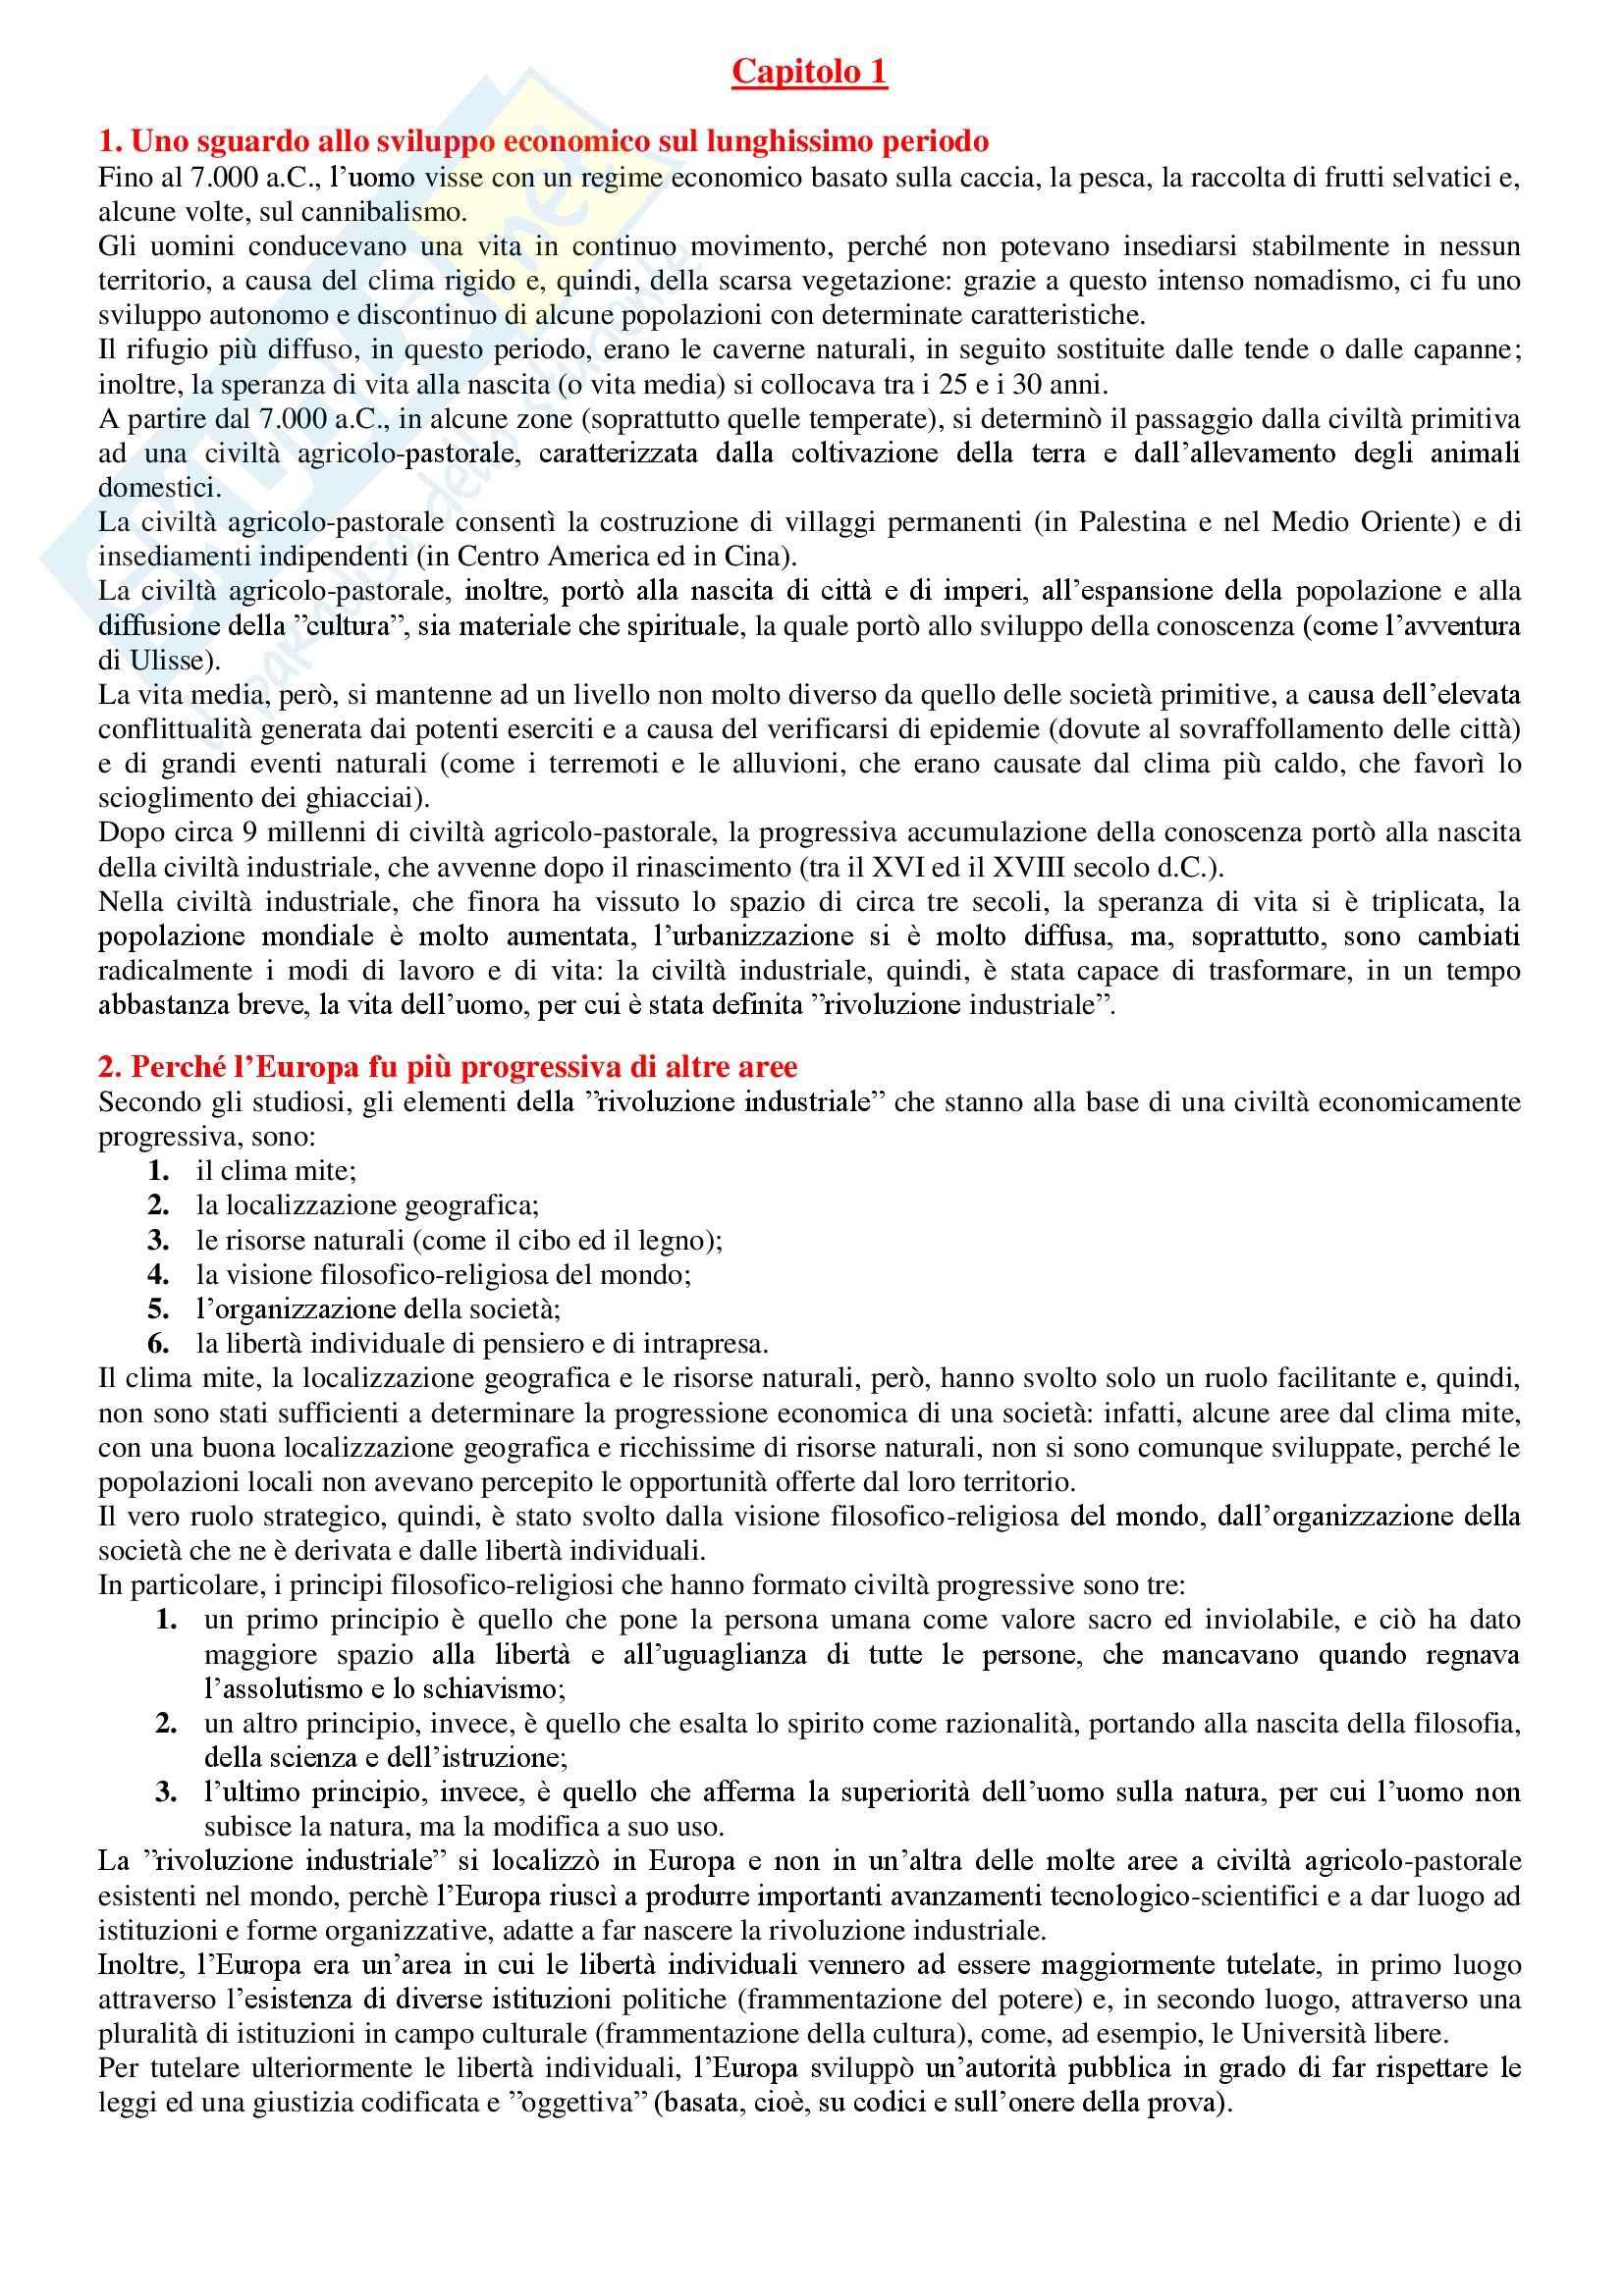 Storia economica - Appunti Pag. 2